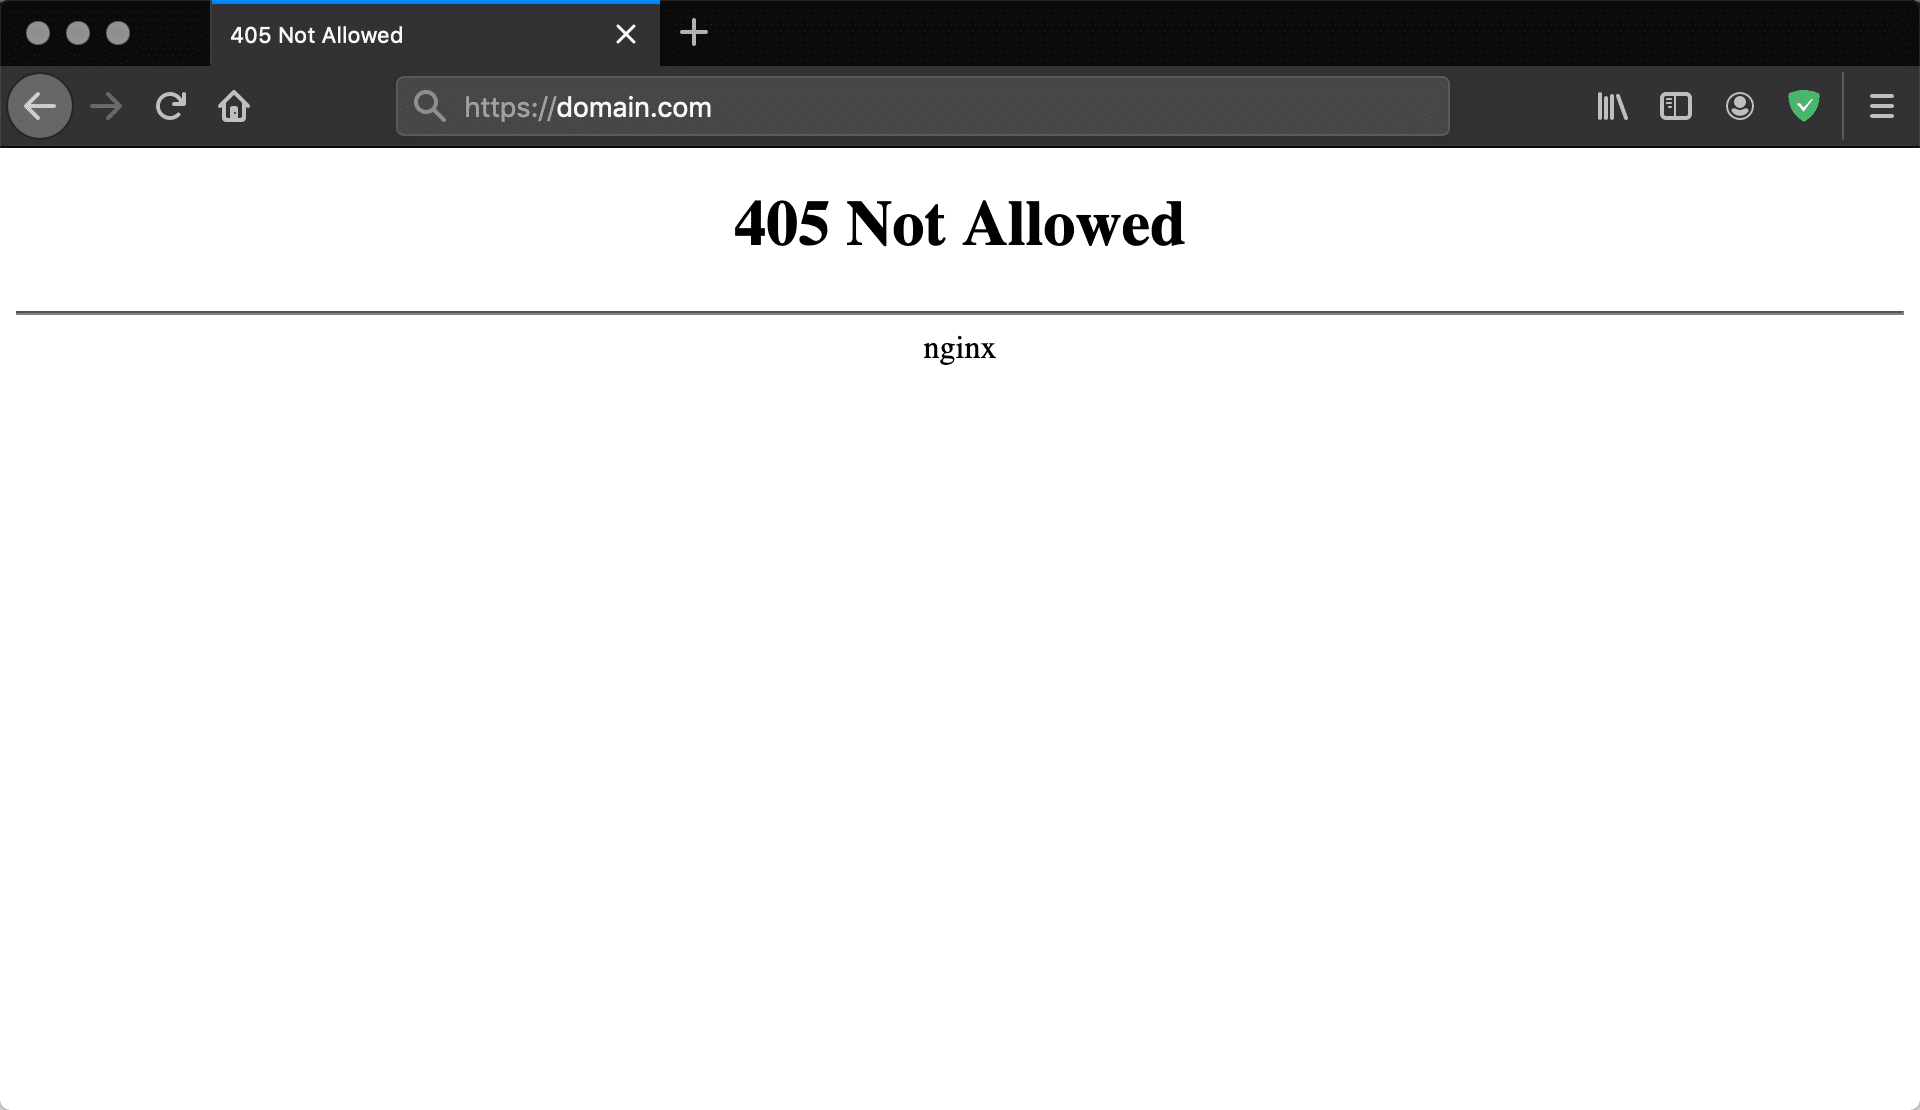 Erreur 405 de méthode non autorisée Nginx dans Firefox